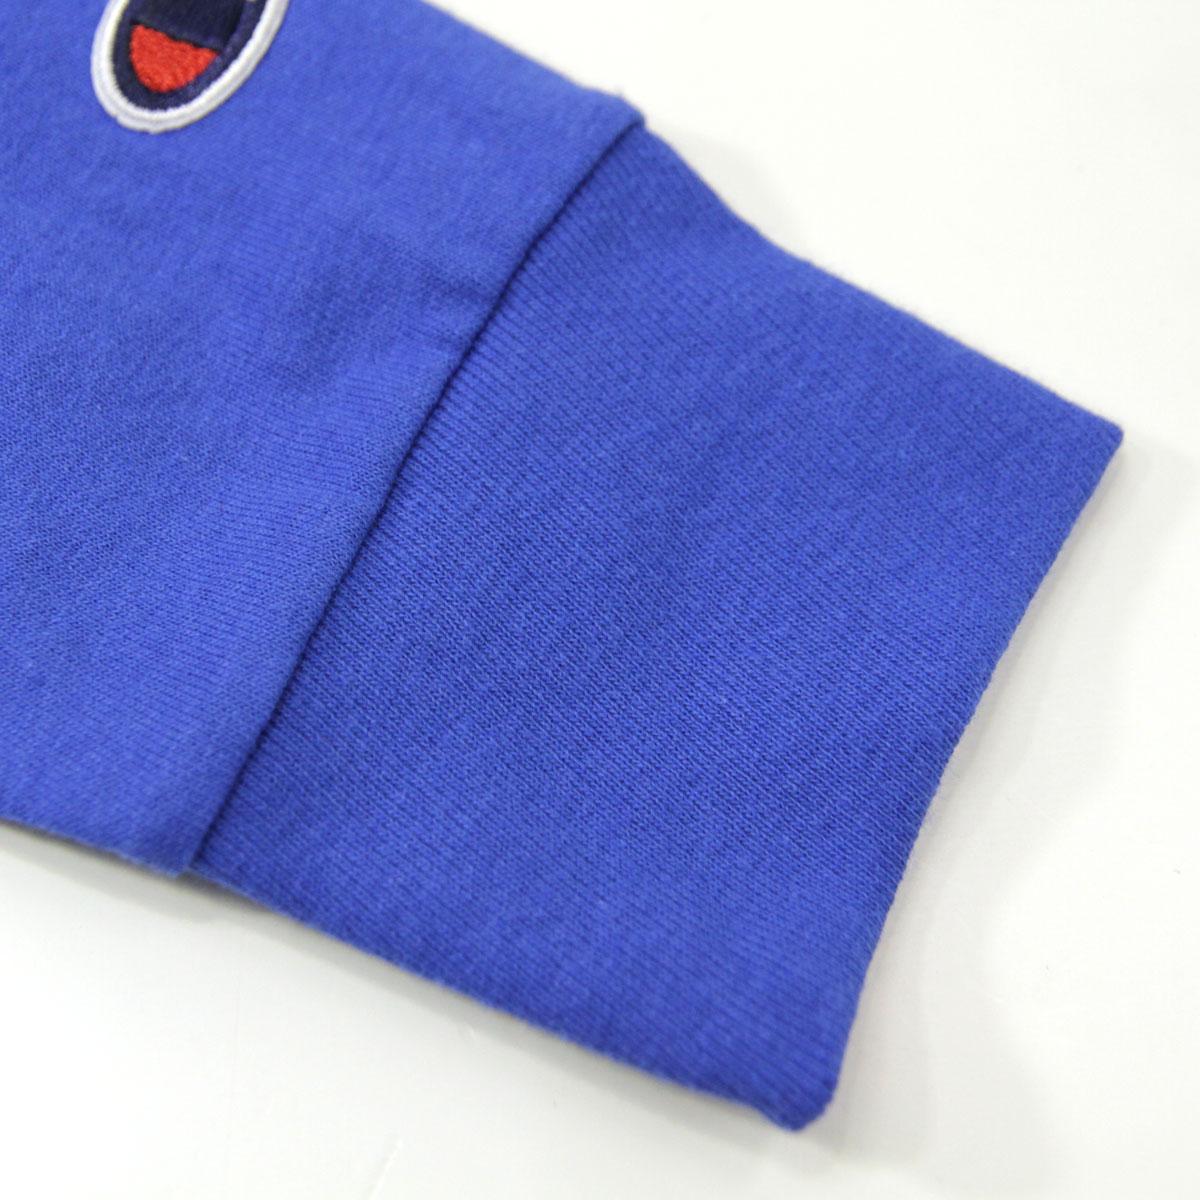 チャンピオン CHAMPION 正規品 メンズ 長袖Tシャツ L/S TEE T2229 Cotton Long Sleeve Tee GUX-SURFTHEWEB C logo on left sleeve